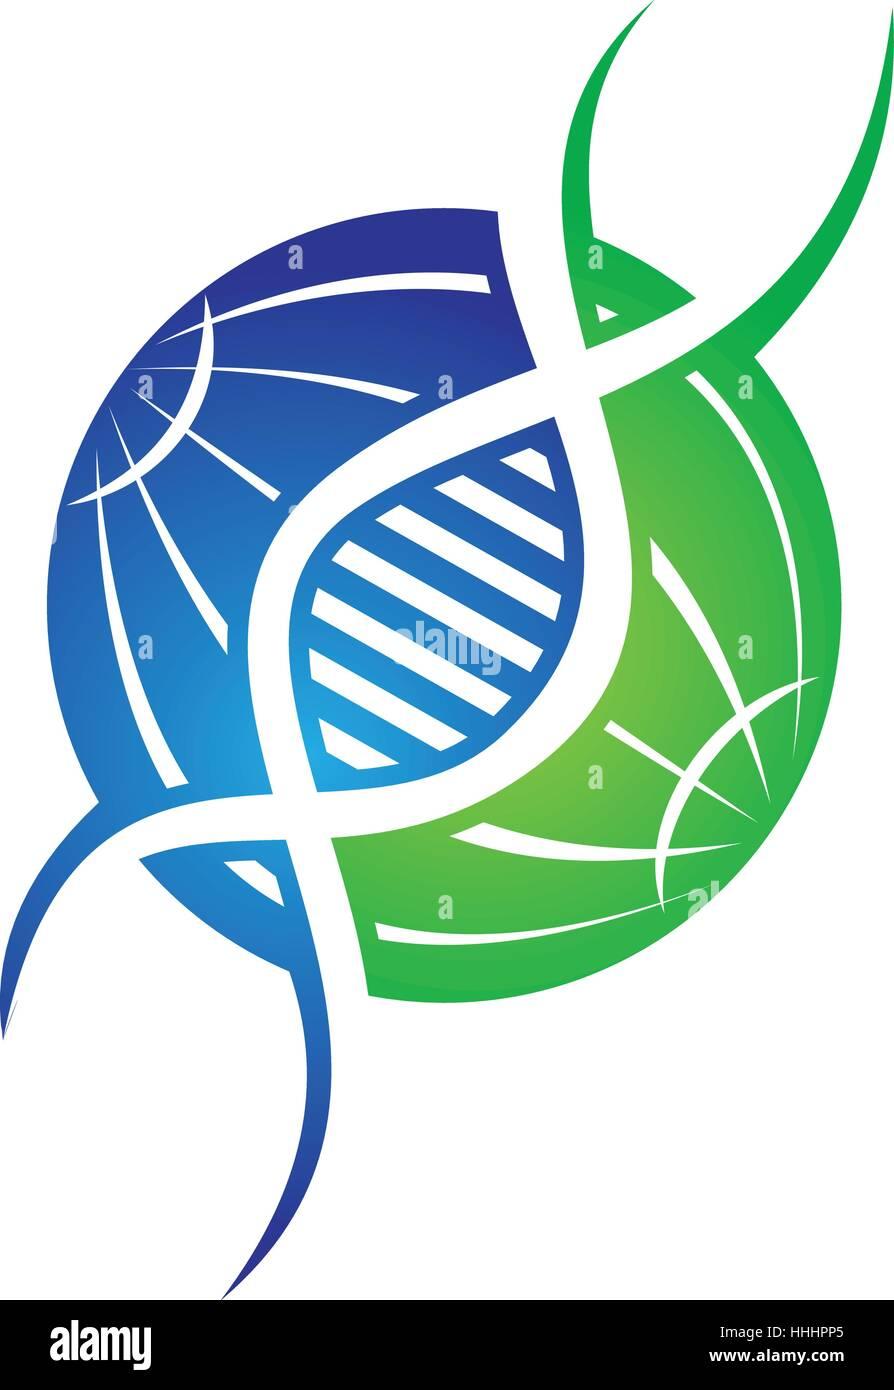 DNA Genetics - Stock Image